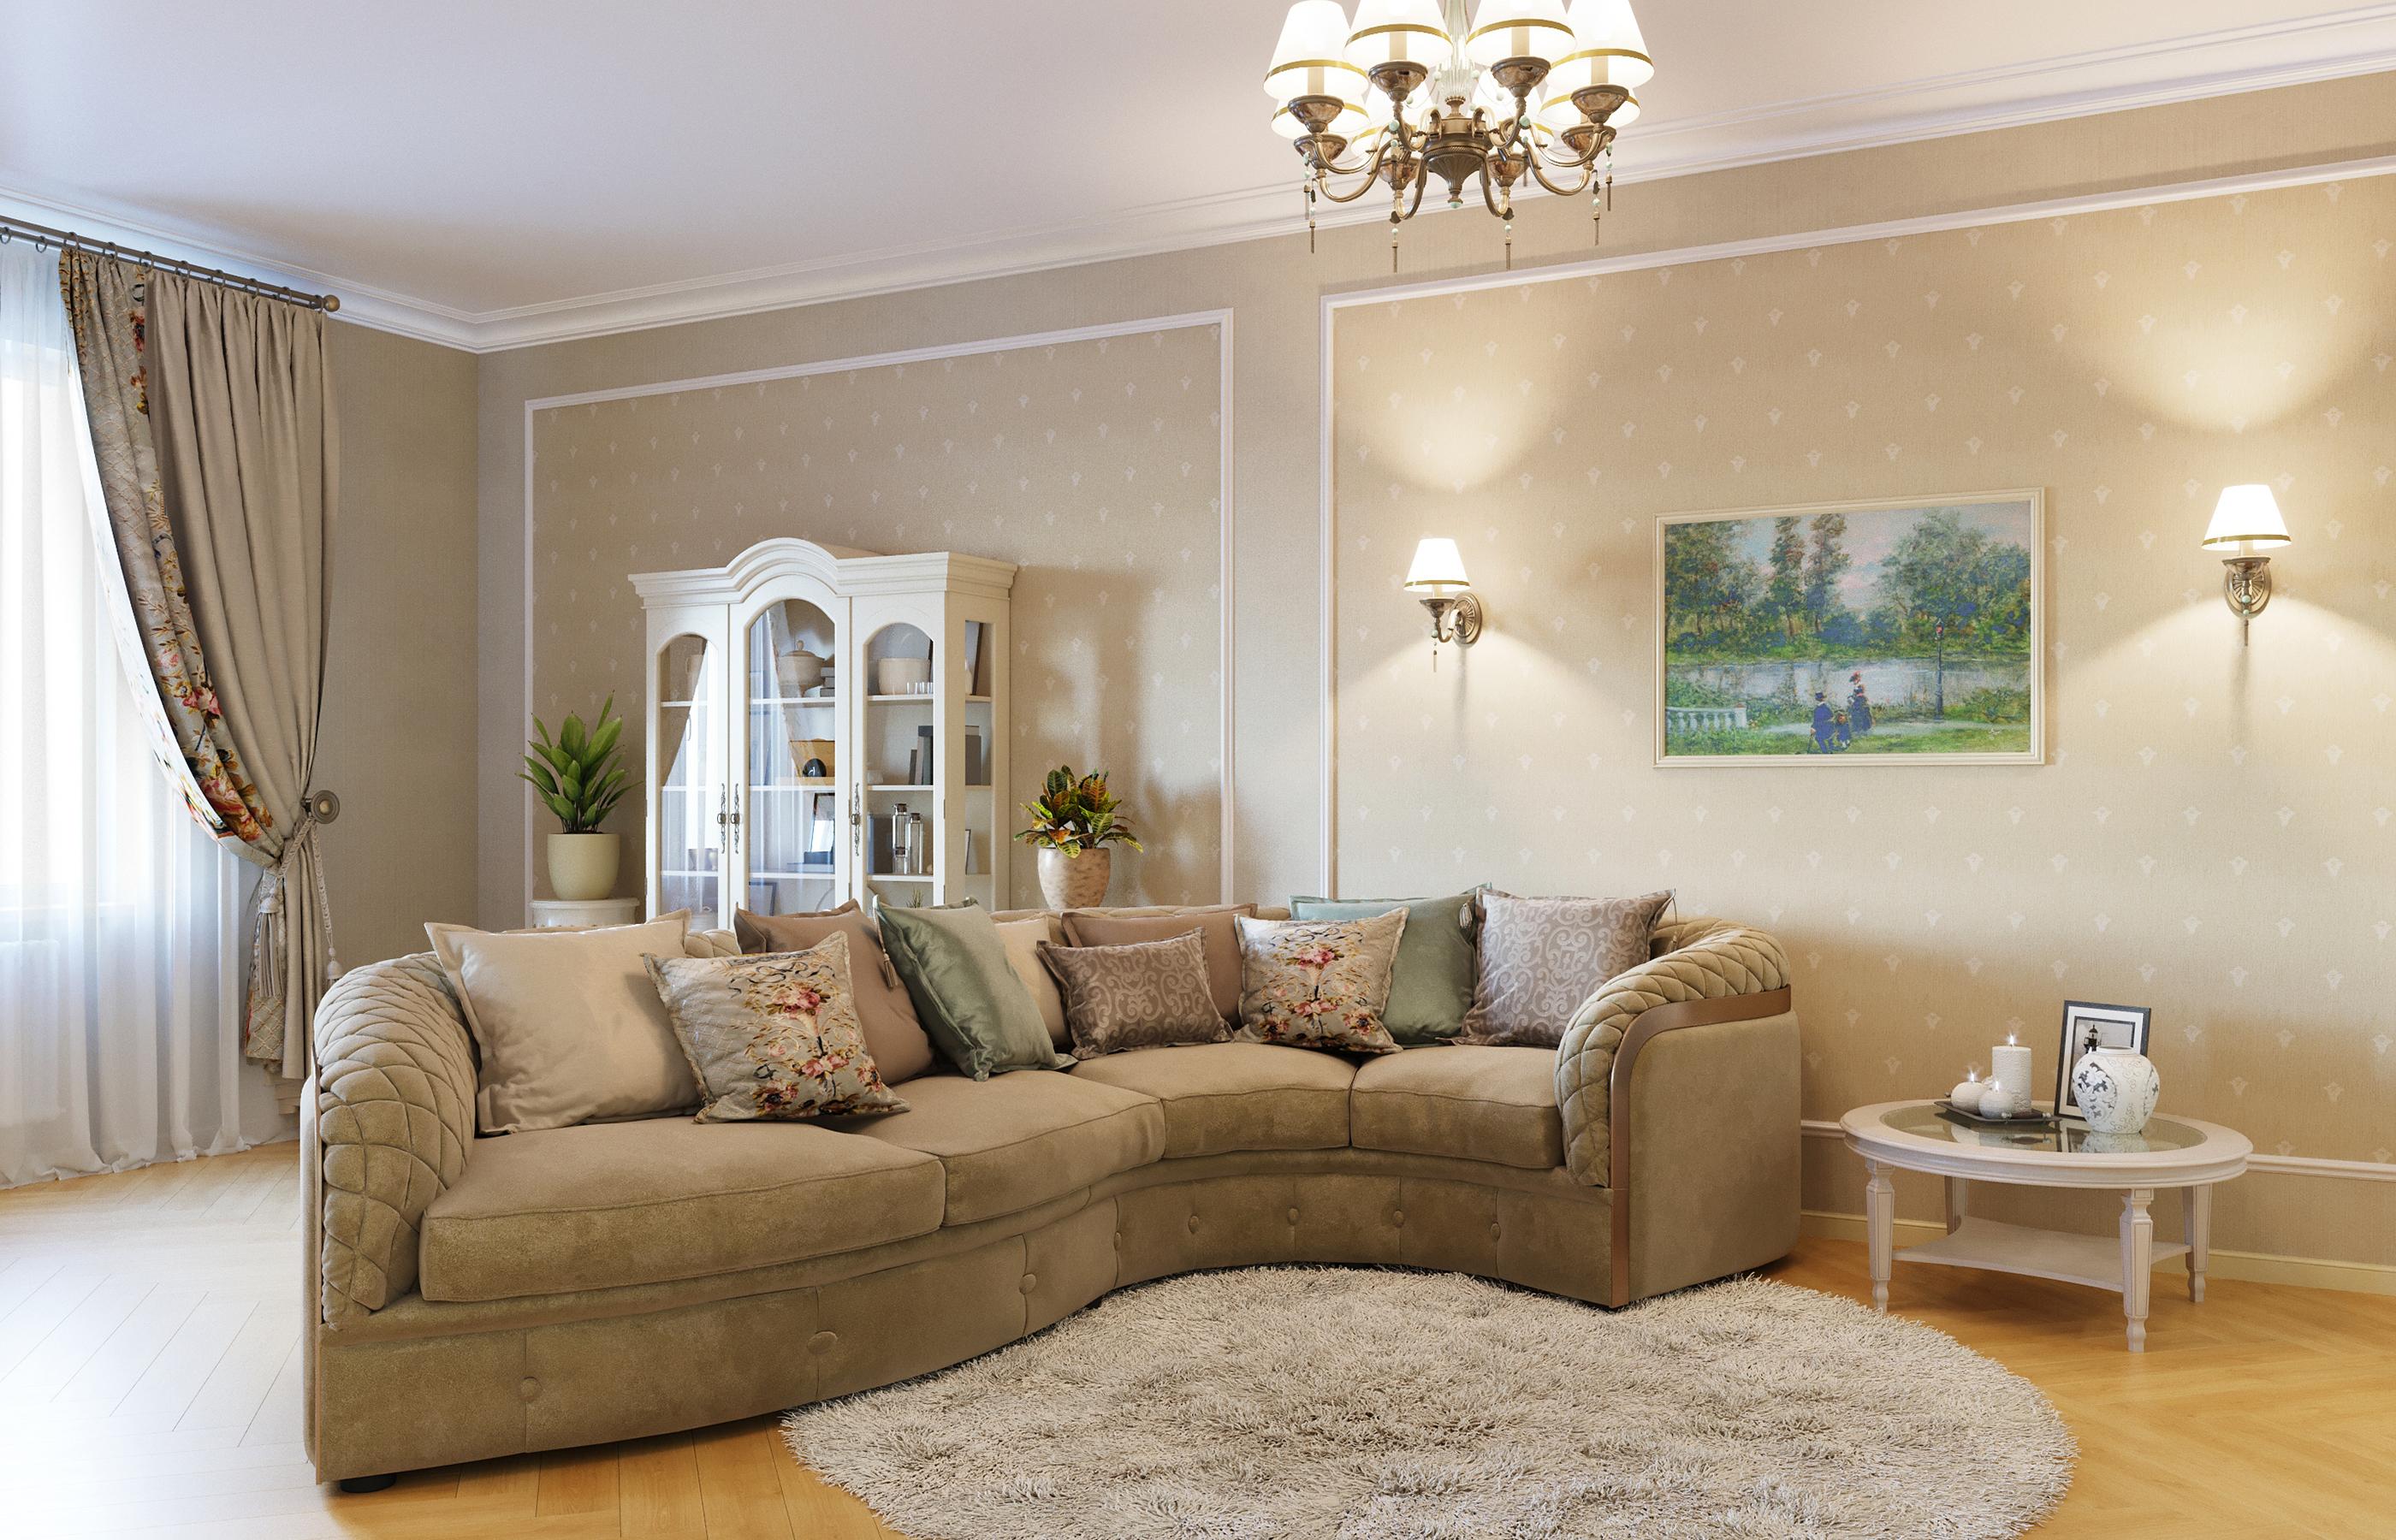 Стены гостиной оклеены текстильными обоями. Этот материал позволяет снизить гулкость помещения и избавиться от эха.